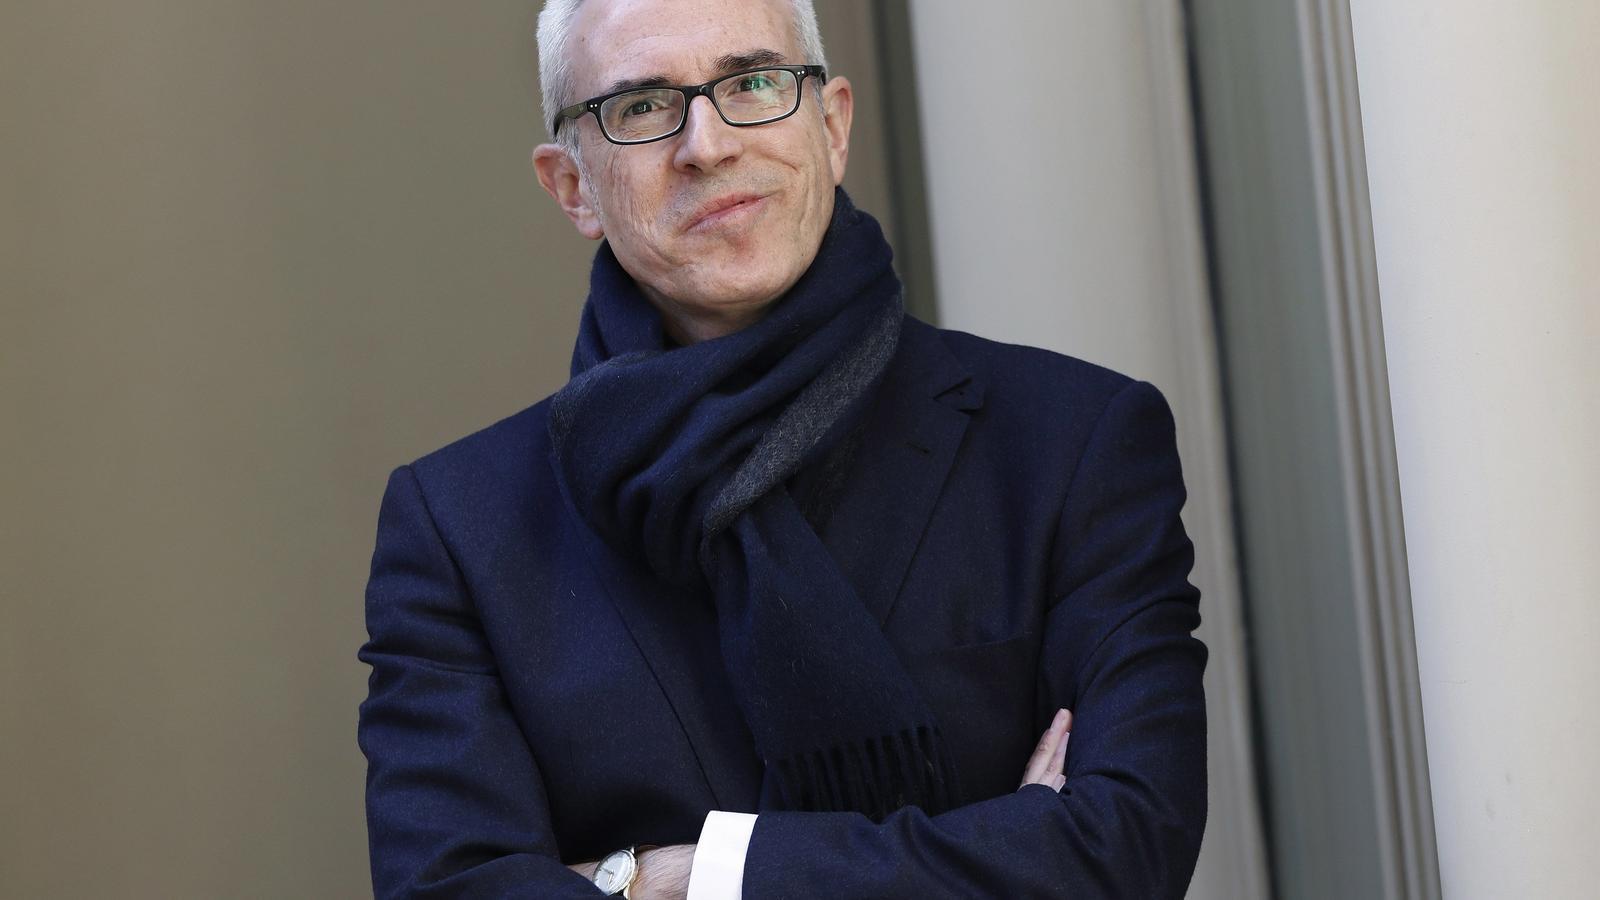 Emilio Lara guanya el segon premi Edhasa de novel·la històrica